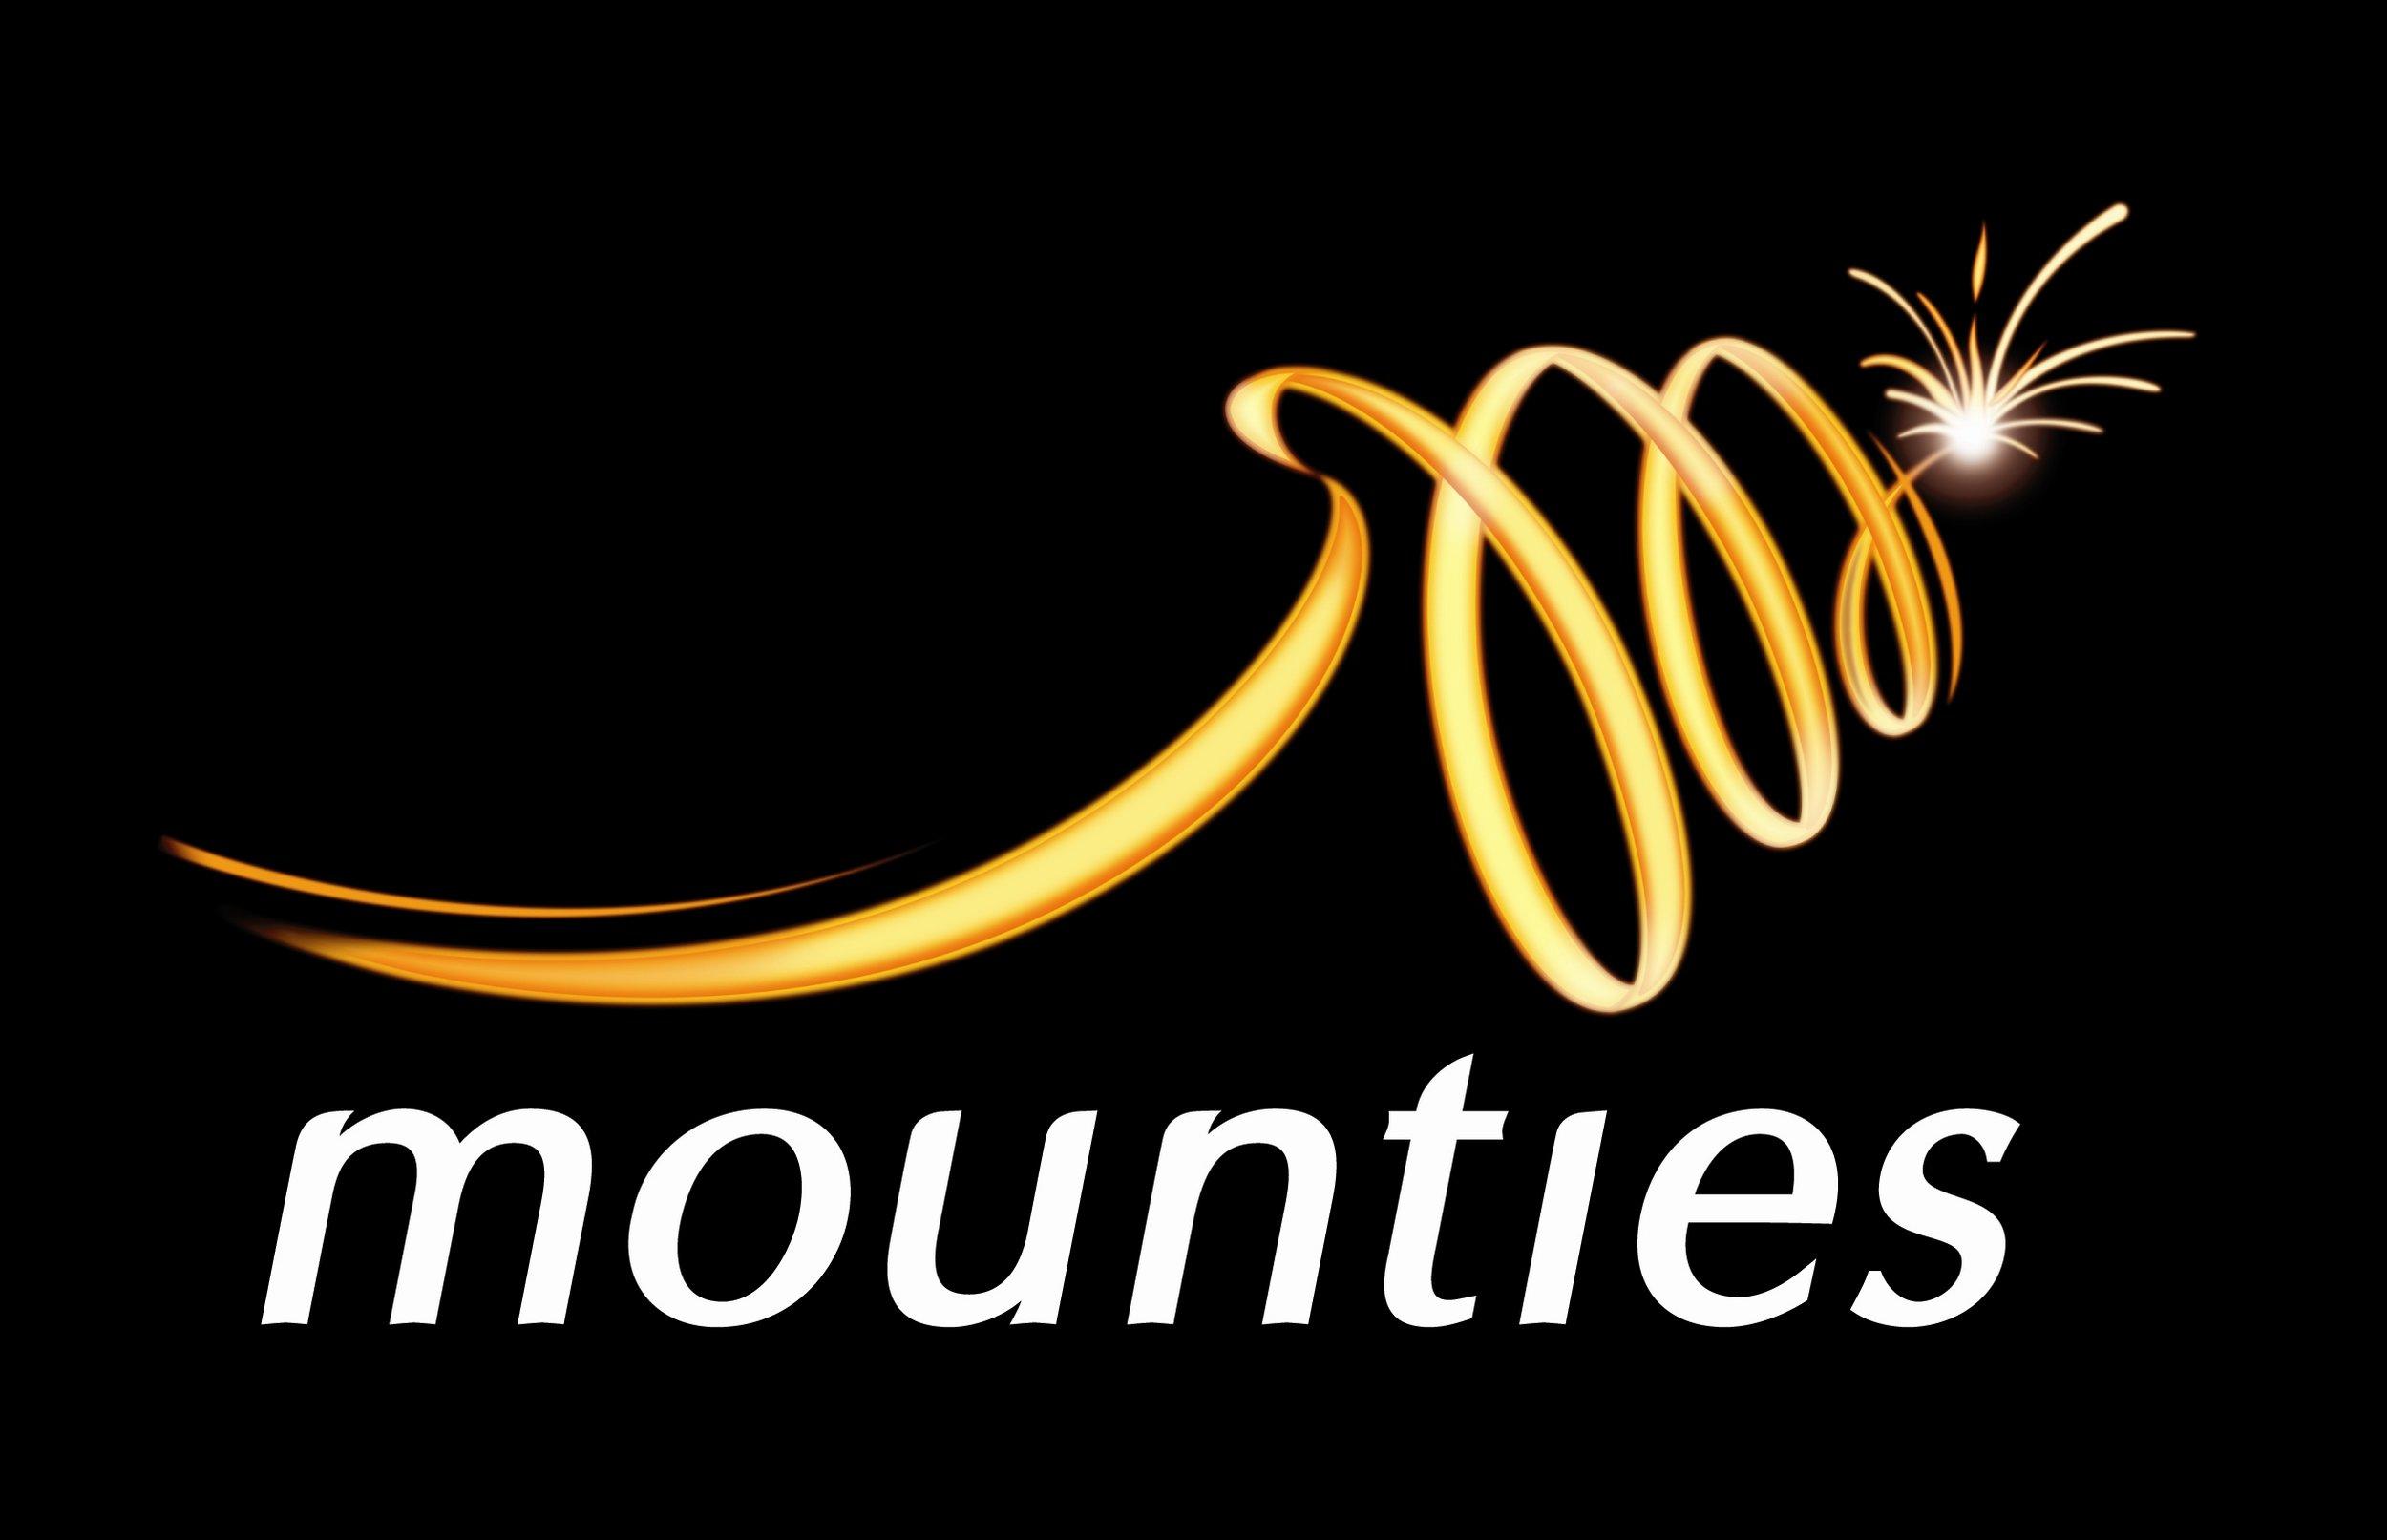 Mounties Logo 2006.JPG